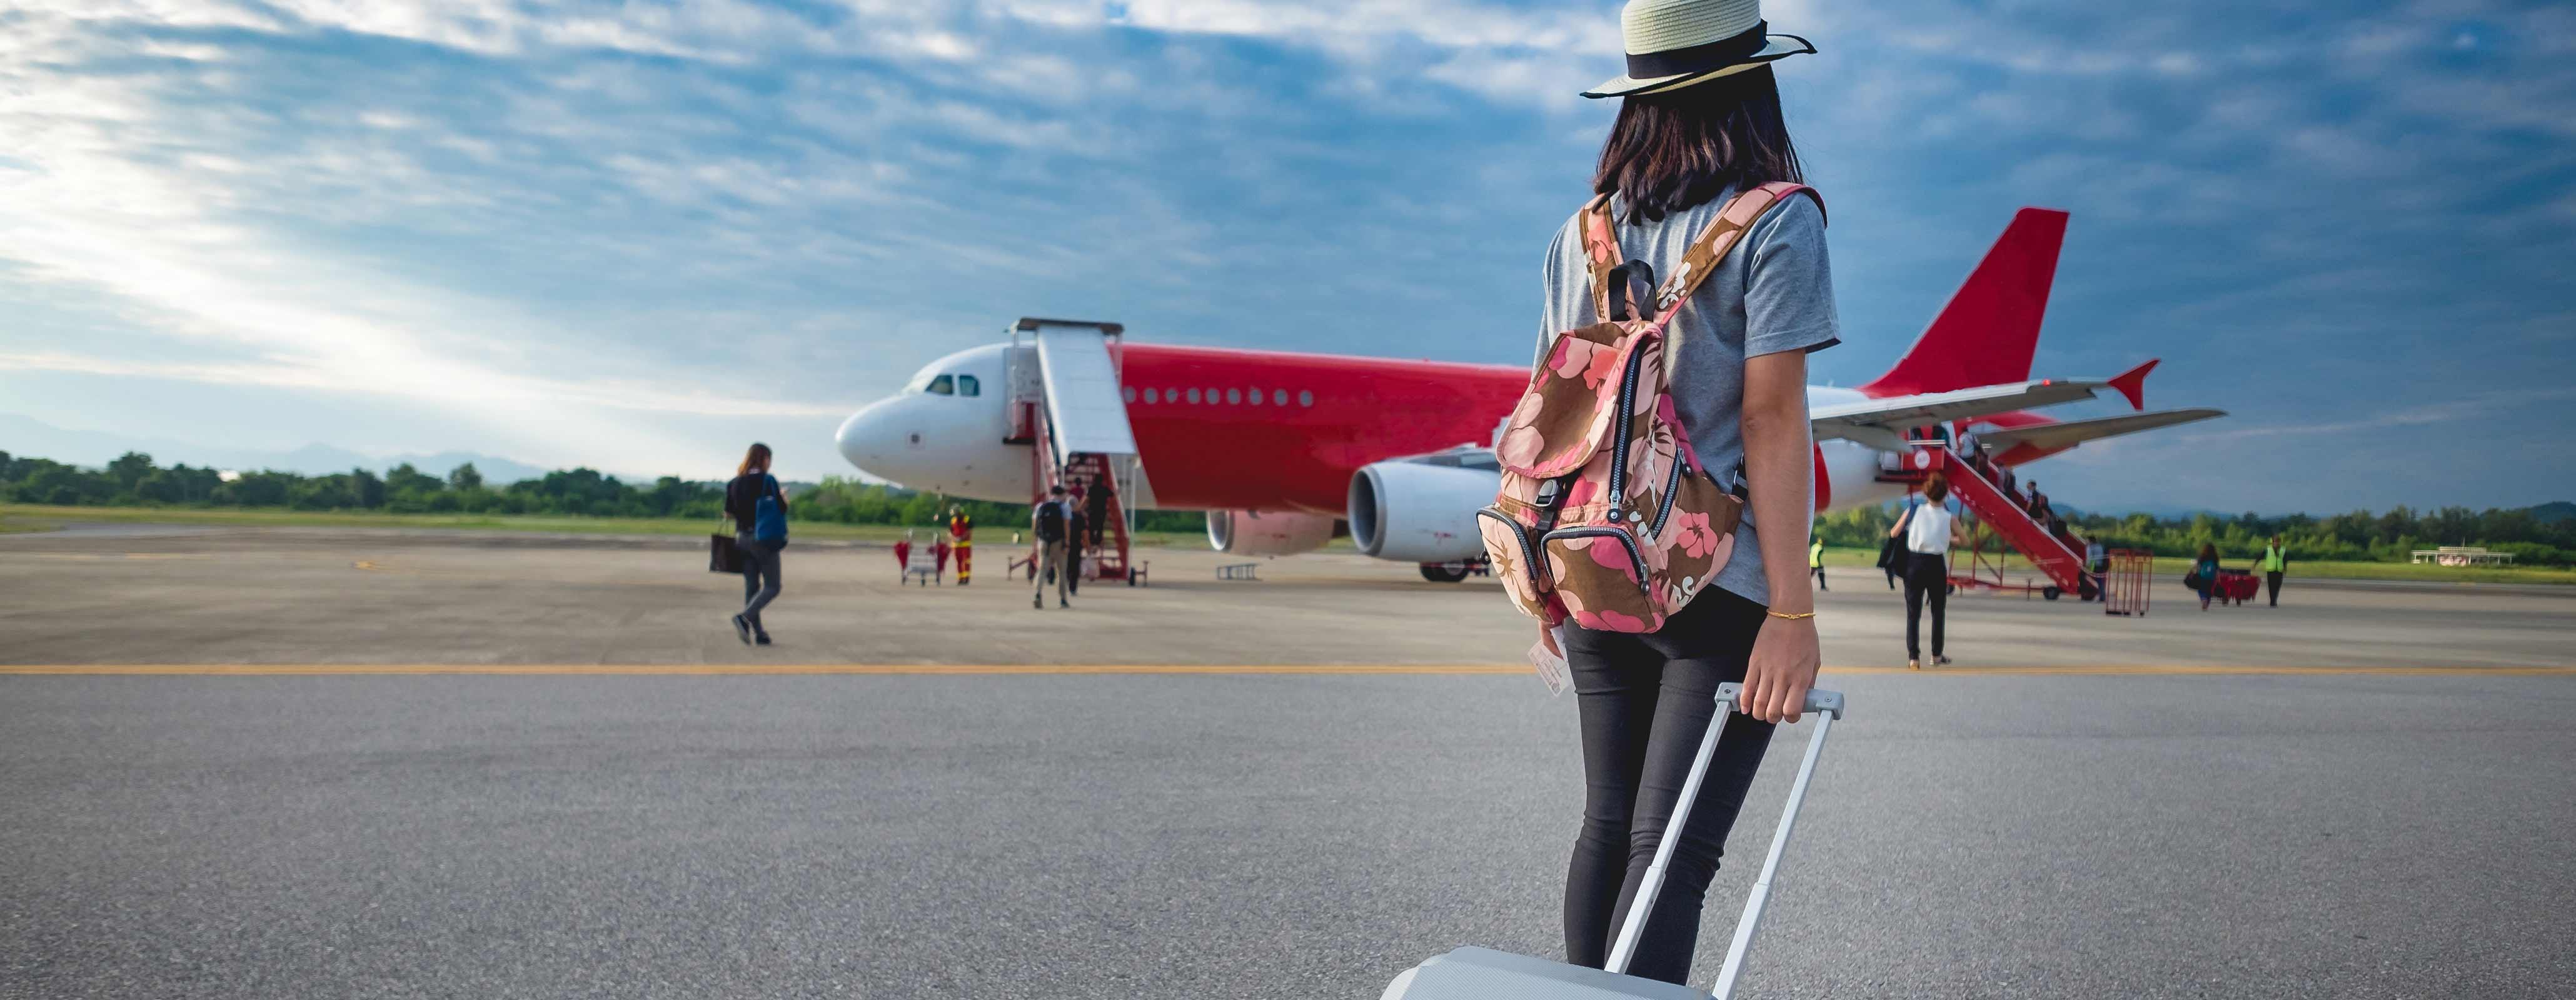 Vrouw met koffer bij het vliegtuig